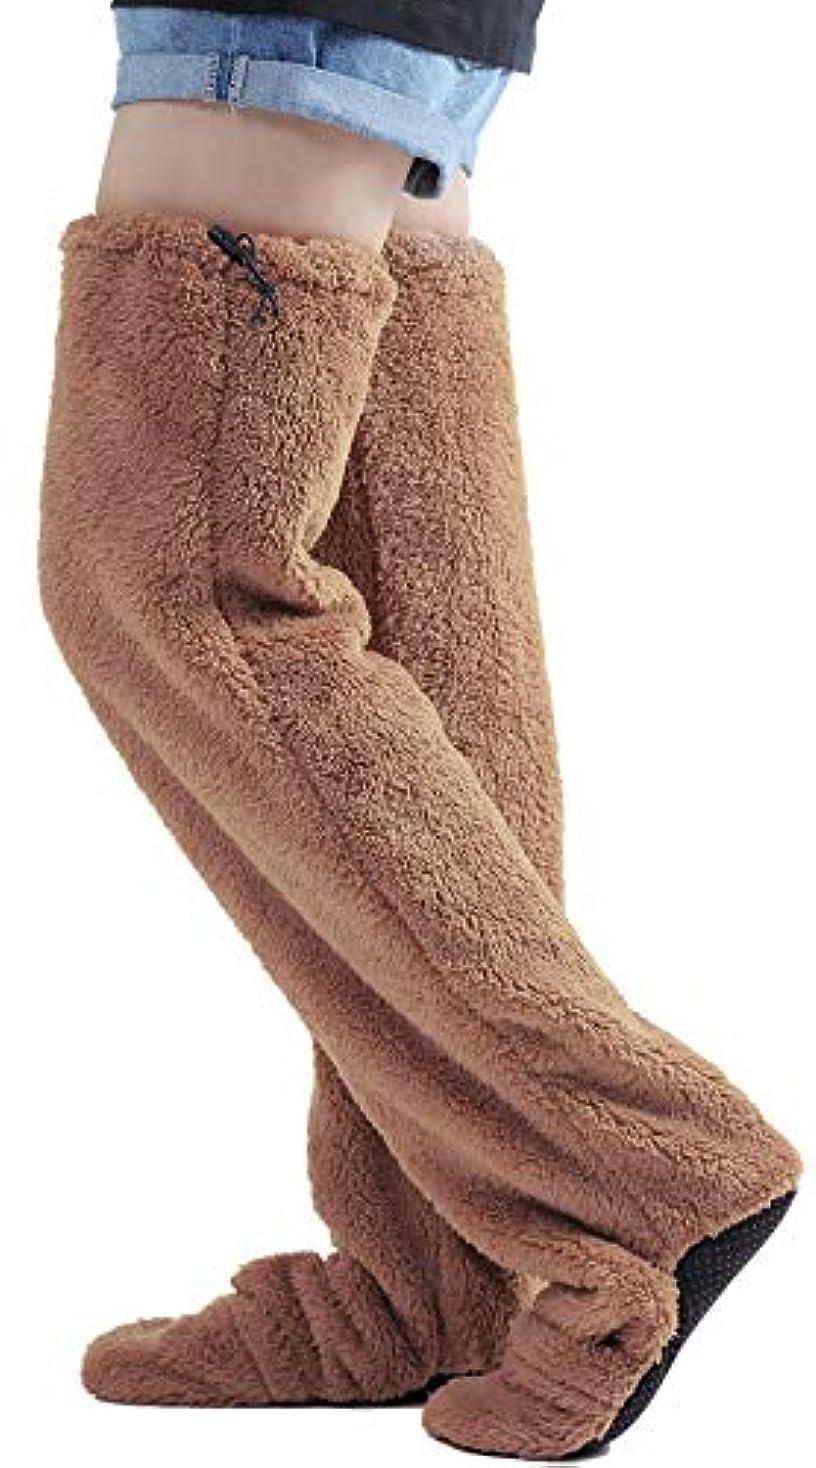 計画的時々時々熟練したnicoly ヒートソックス 歩ける ロングカバー 極暖 ルームソックス 男女兼用 大きいサイズ (L)